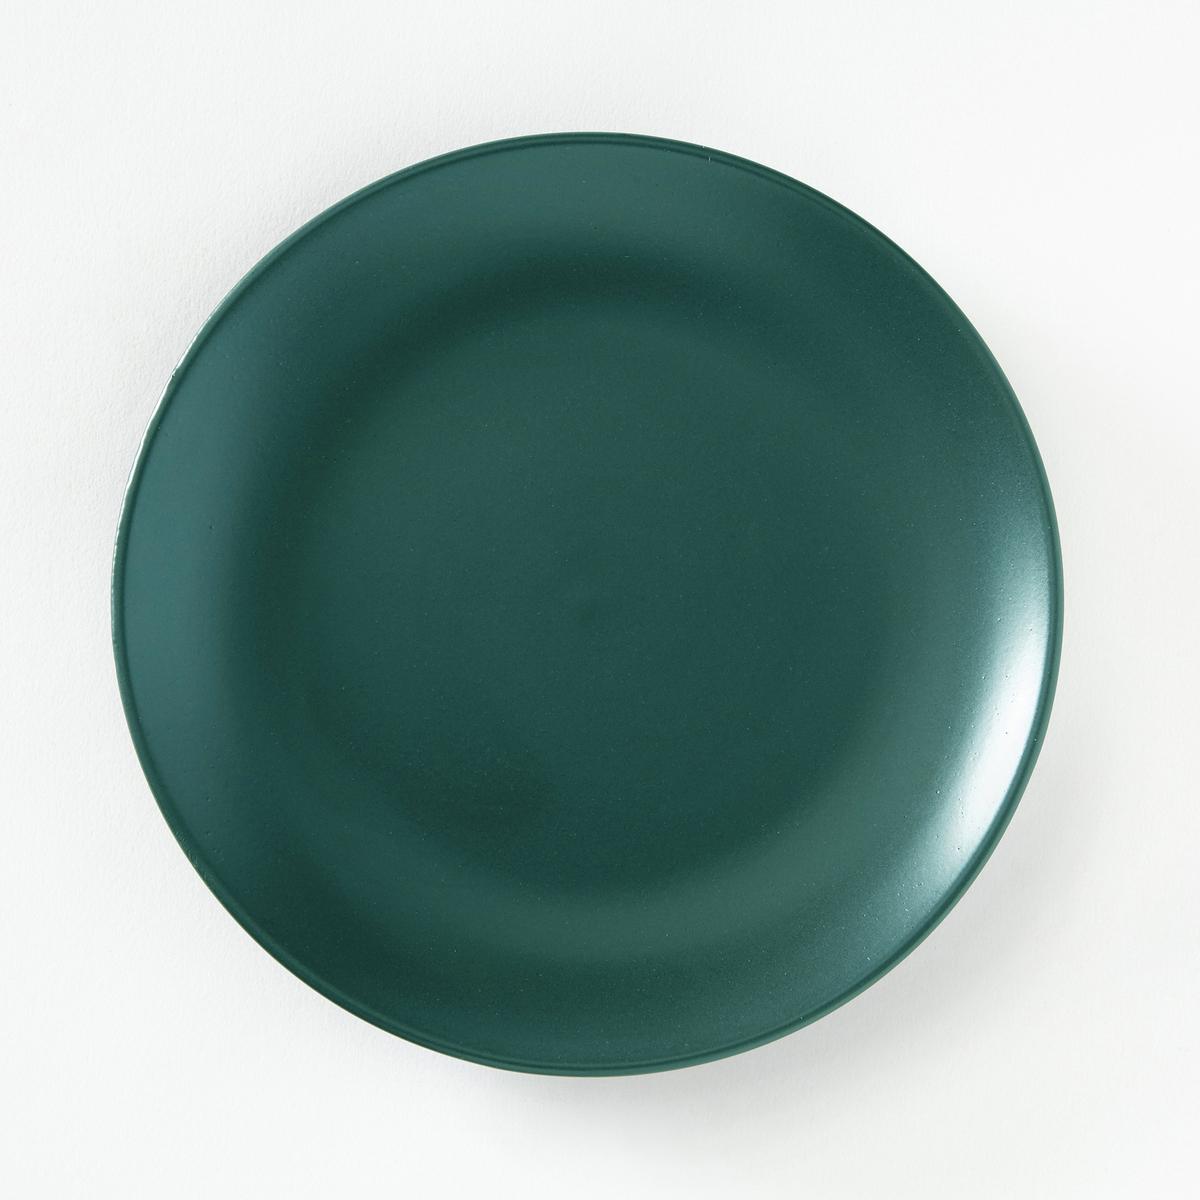 4 тарелки десертные из матовой керамики, AbessiХарактеристики 4 десертных тарелок из матовой керамики Abessi :- Из керамики с матовой отделкой  .- Диаметр 20 см  .- Можно использовать в посудомоечных машинах и микроволновых печах.Плоские и глубокие тарелки Abessi продаются на нашем сайте .<br><br>Цвет: зеленый